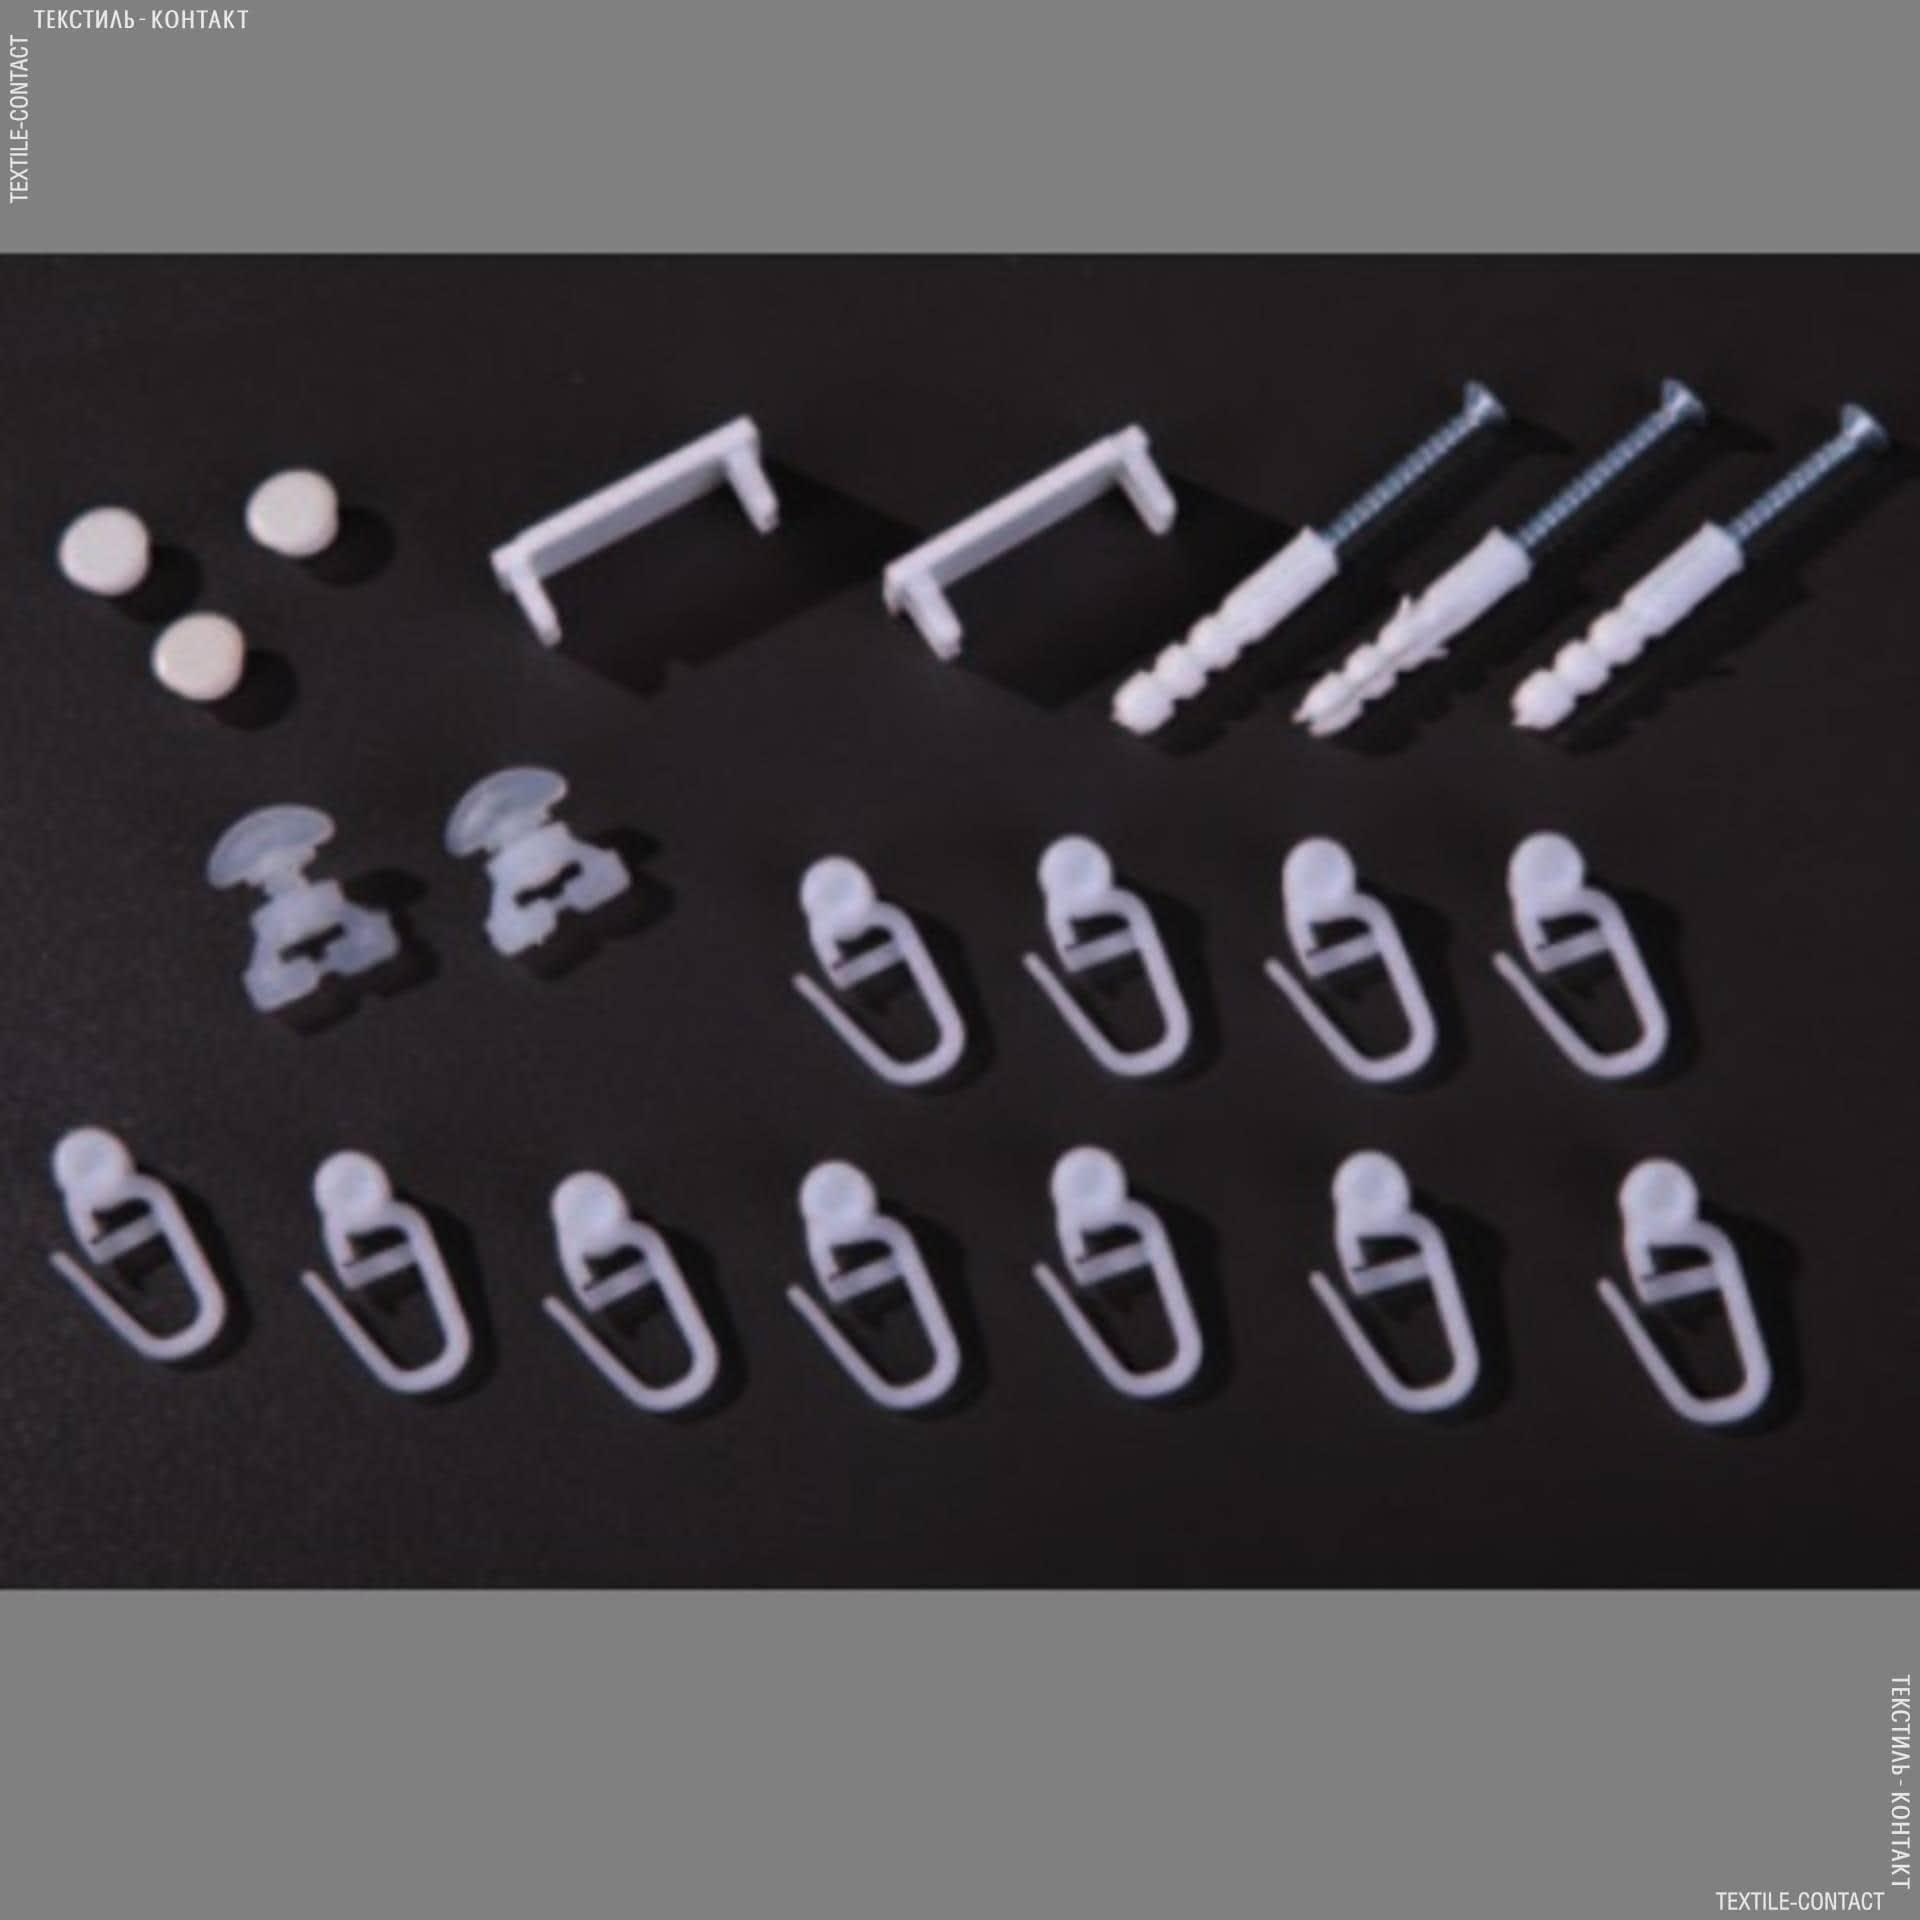 Ткани фурнитура для декоративных изделий - Комплект для потолочной шины 120см  1-полосный  крючки